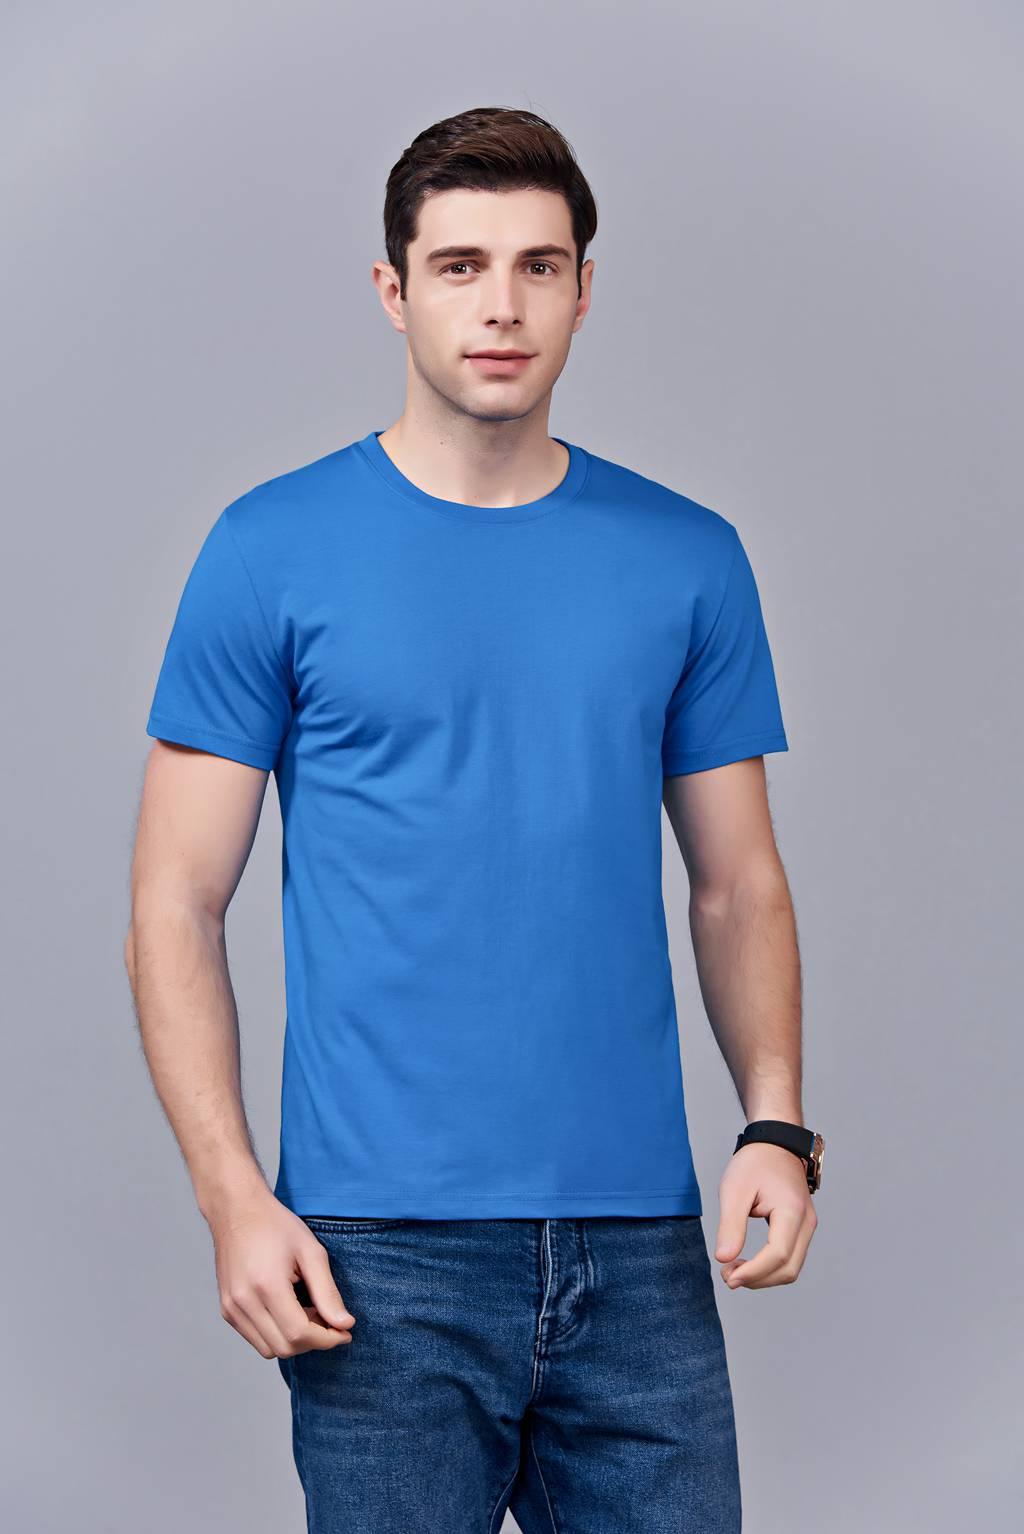 时尚新潮短袖上衣 湖蓝色 情侣款亲子款休闲T恤订制